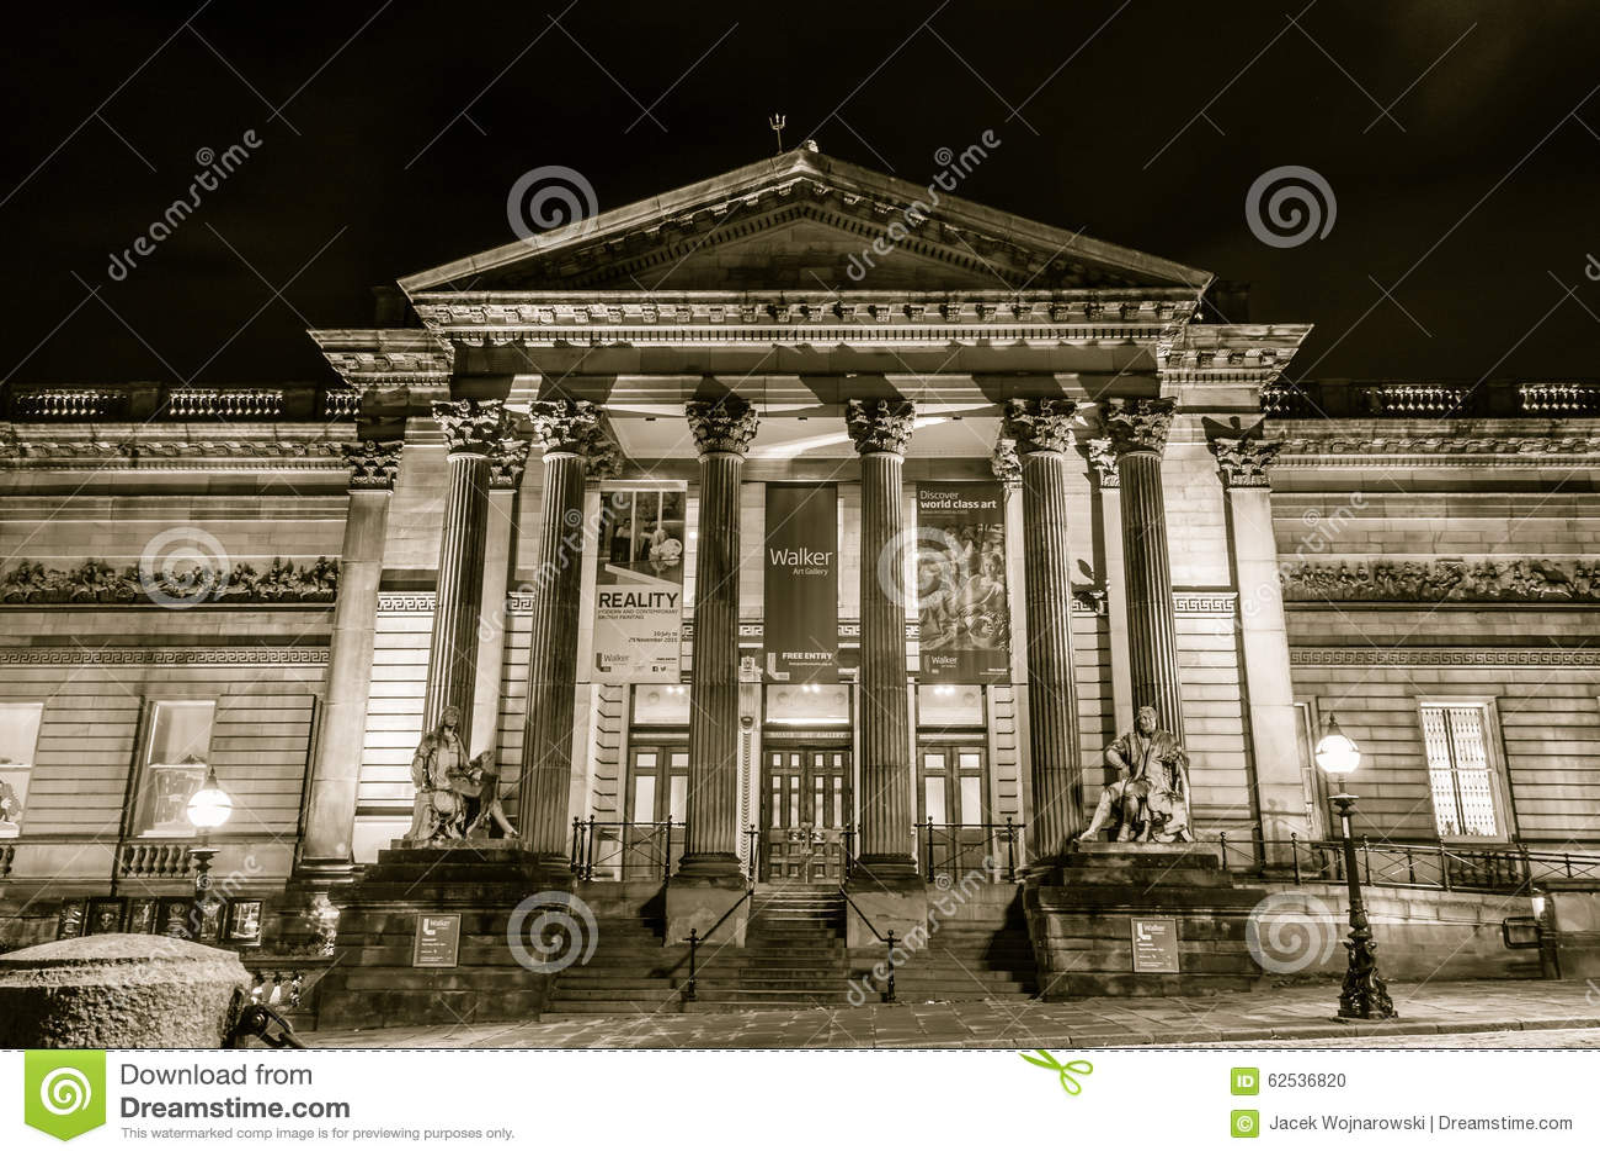 步行者美术画廊在夜之前